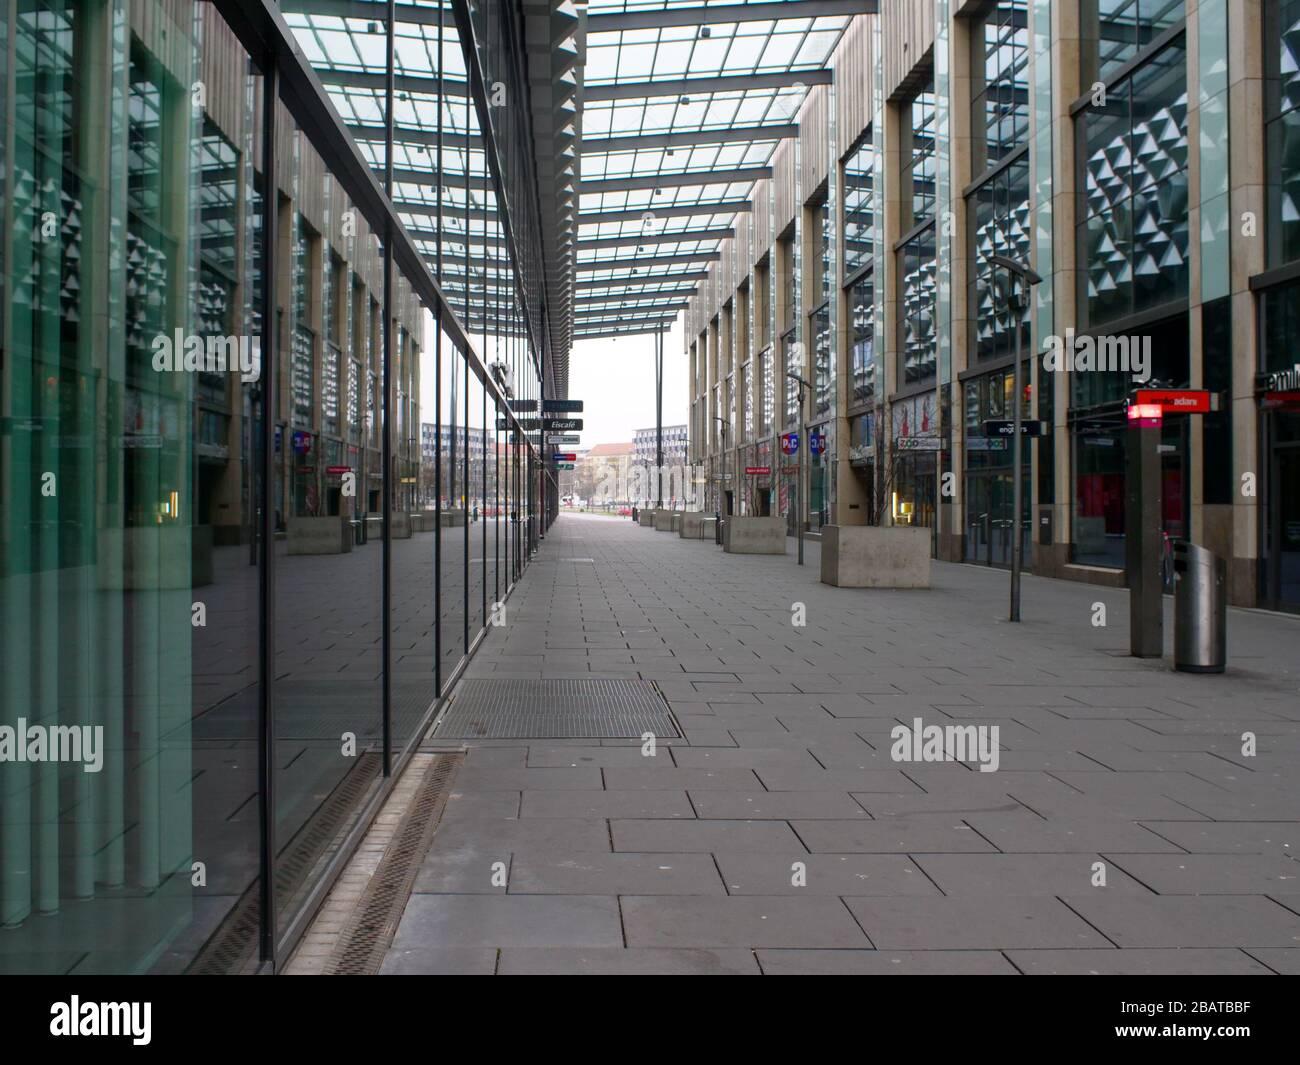 Centrum Galerie in Dresden Prager Straße EInkaufszentrum Stock Photo